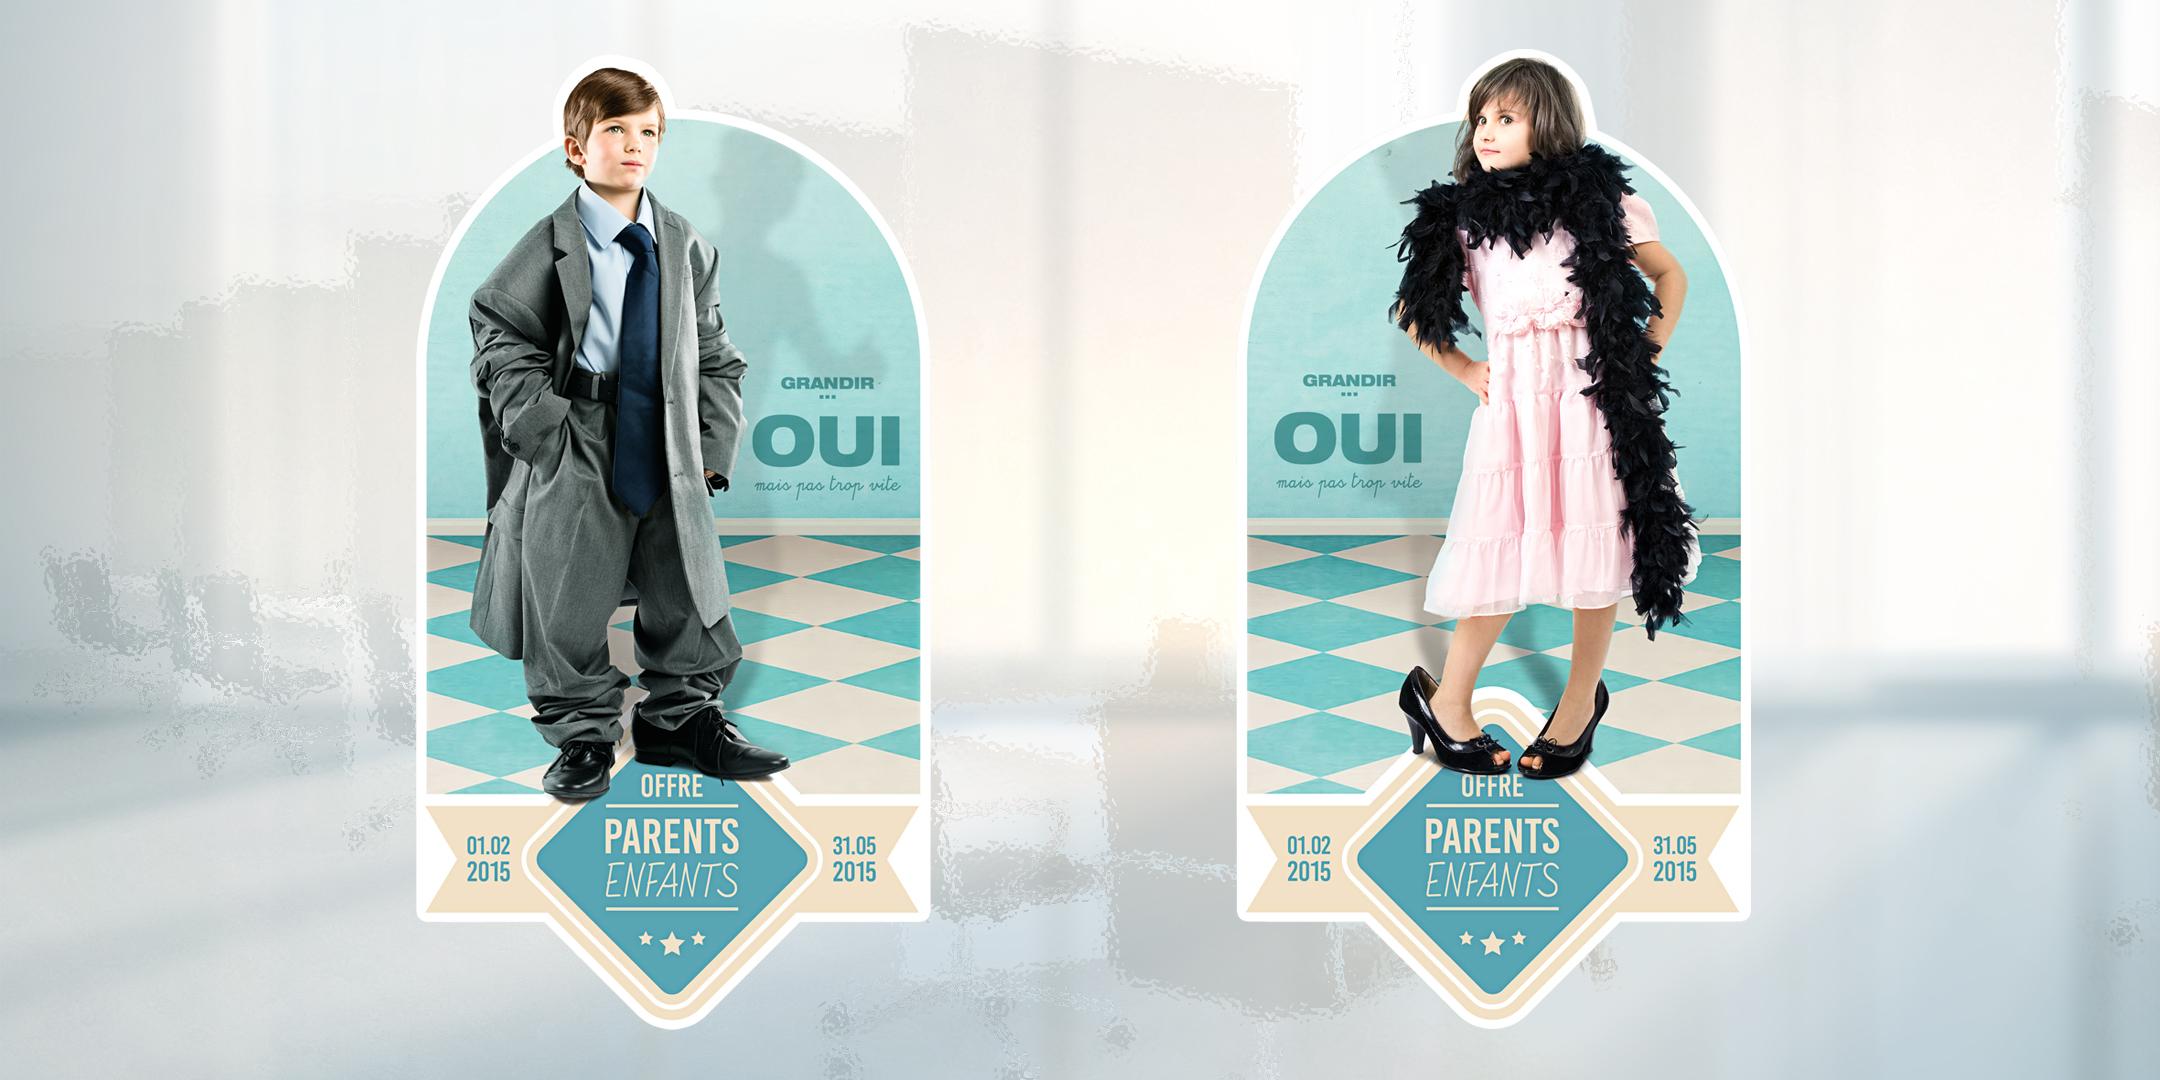 Deux supports différents de la campagne avec les enfants habillés comme des adultes